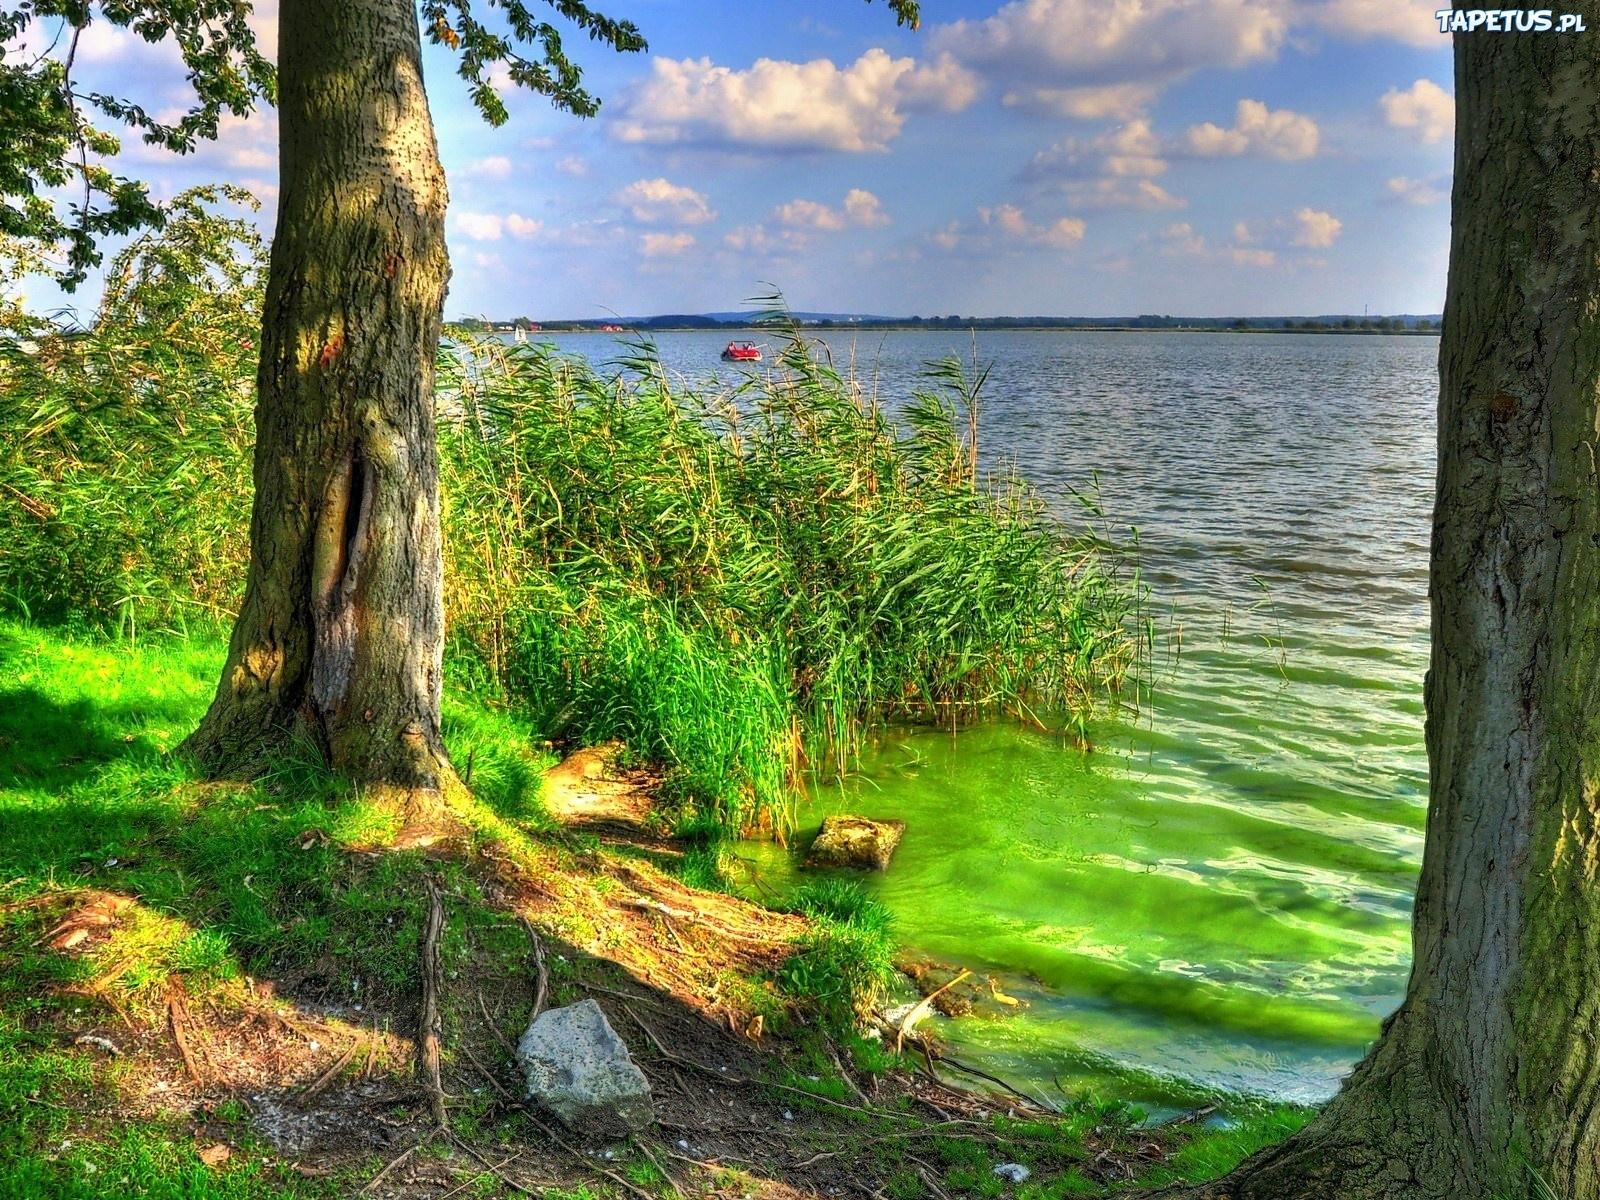 157251_jezioro-szuwary-drzewa.jpg